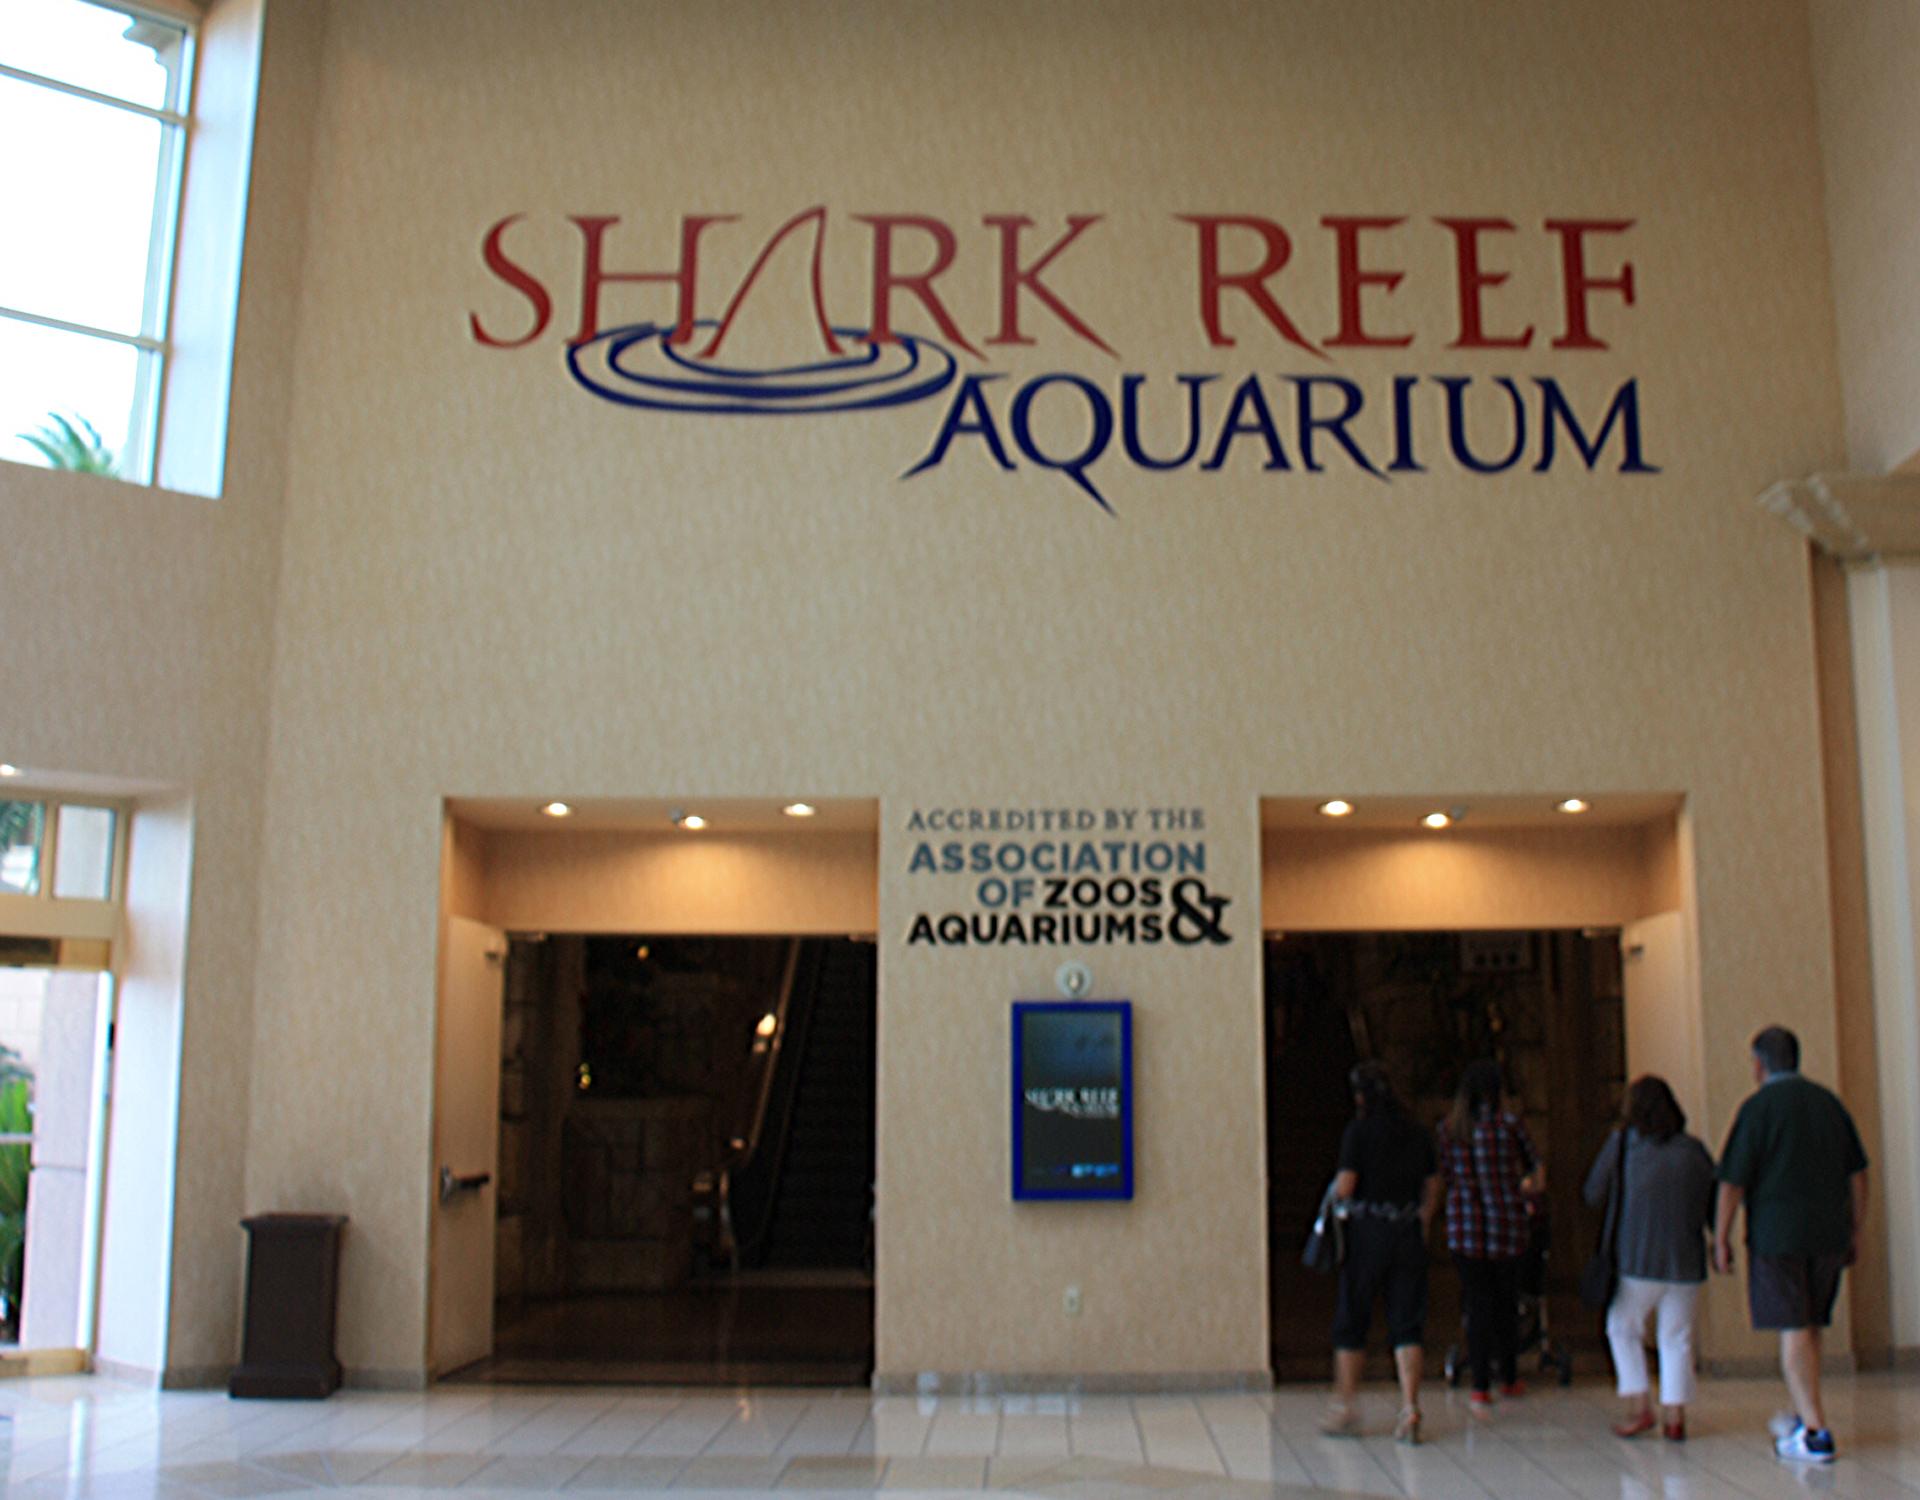 shark reef aquarium at mandalay bay_vegas met kinderen8.jpg